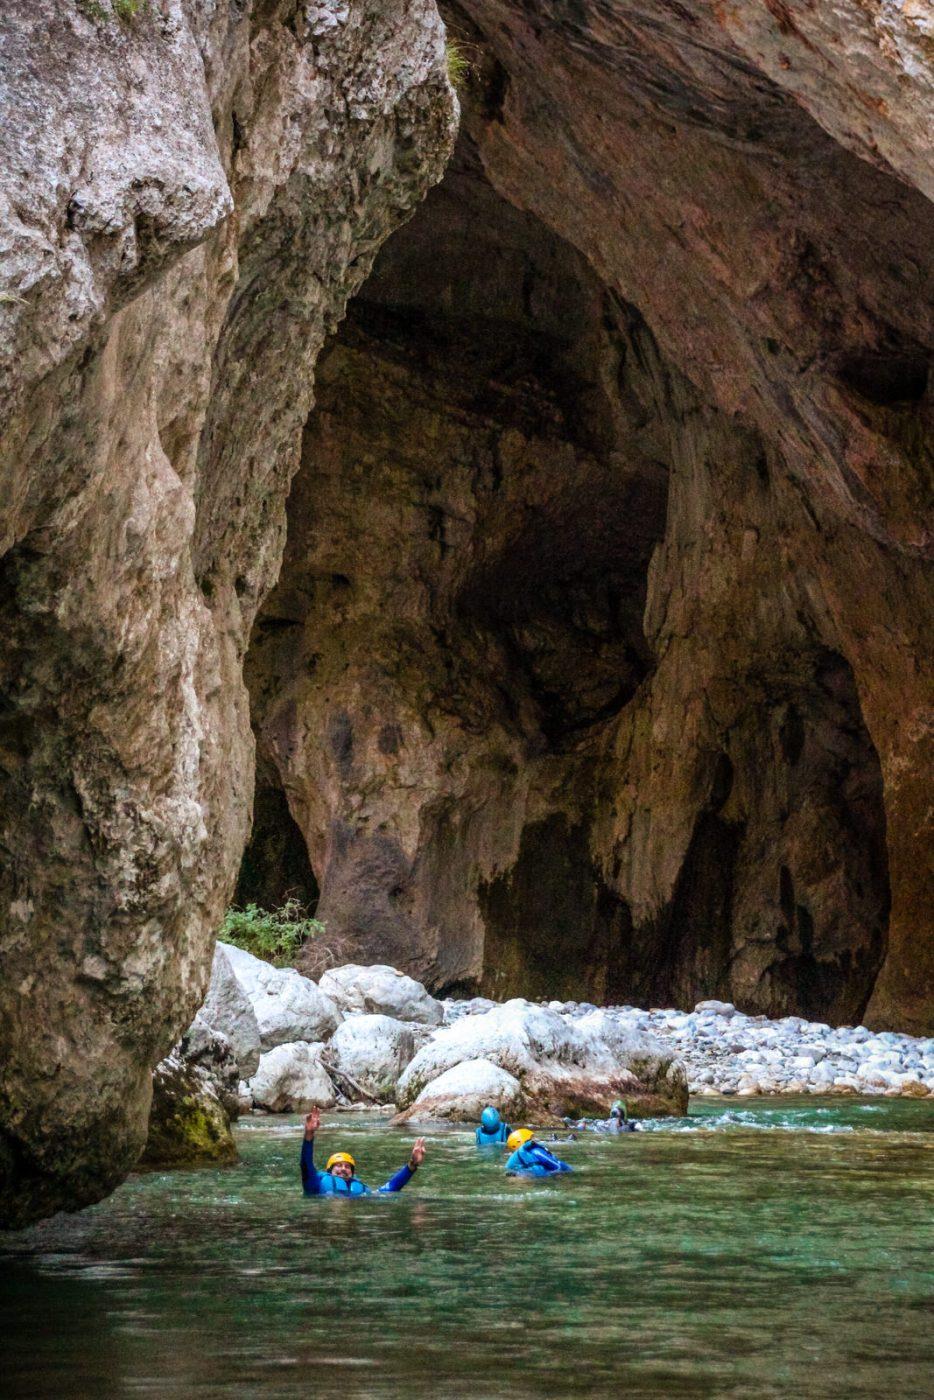 Rando Aqua près de Castellane